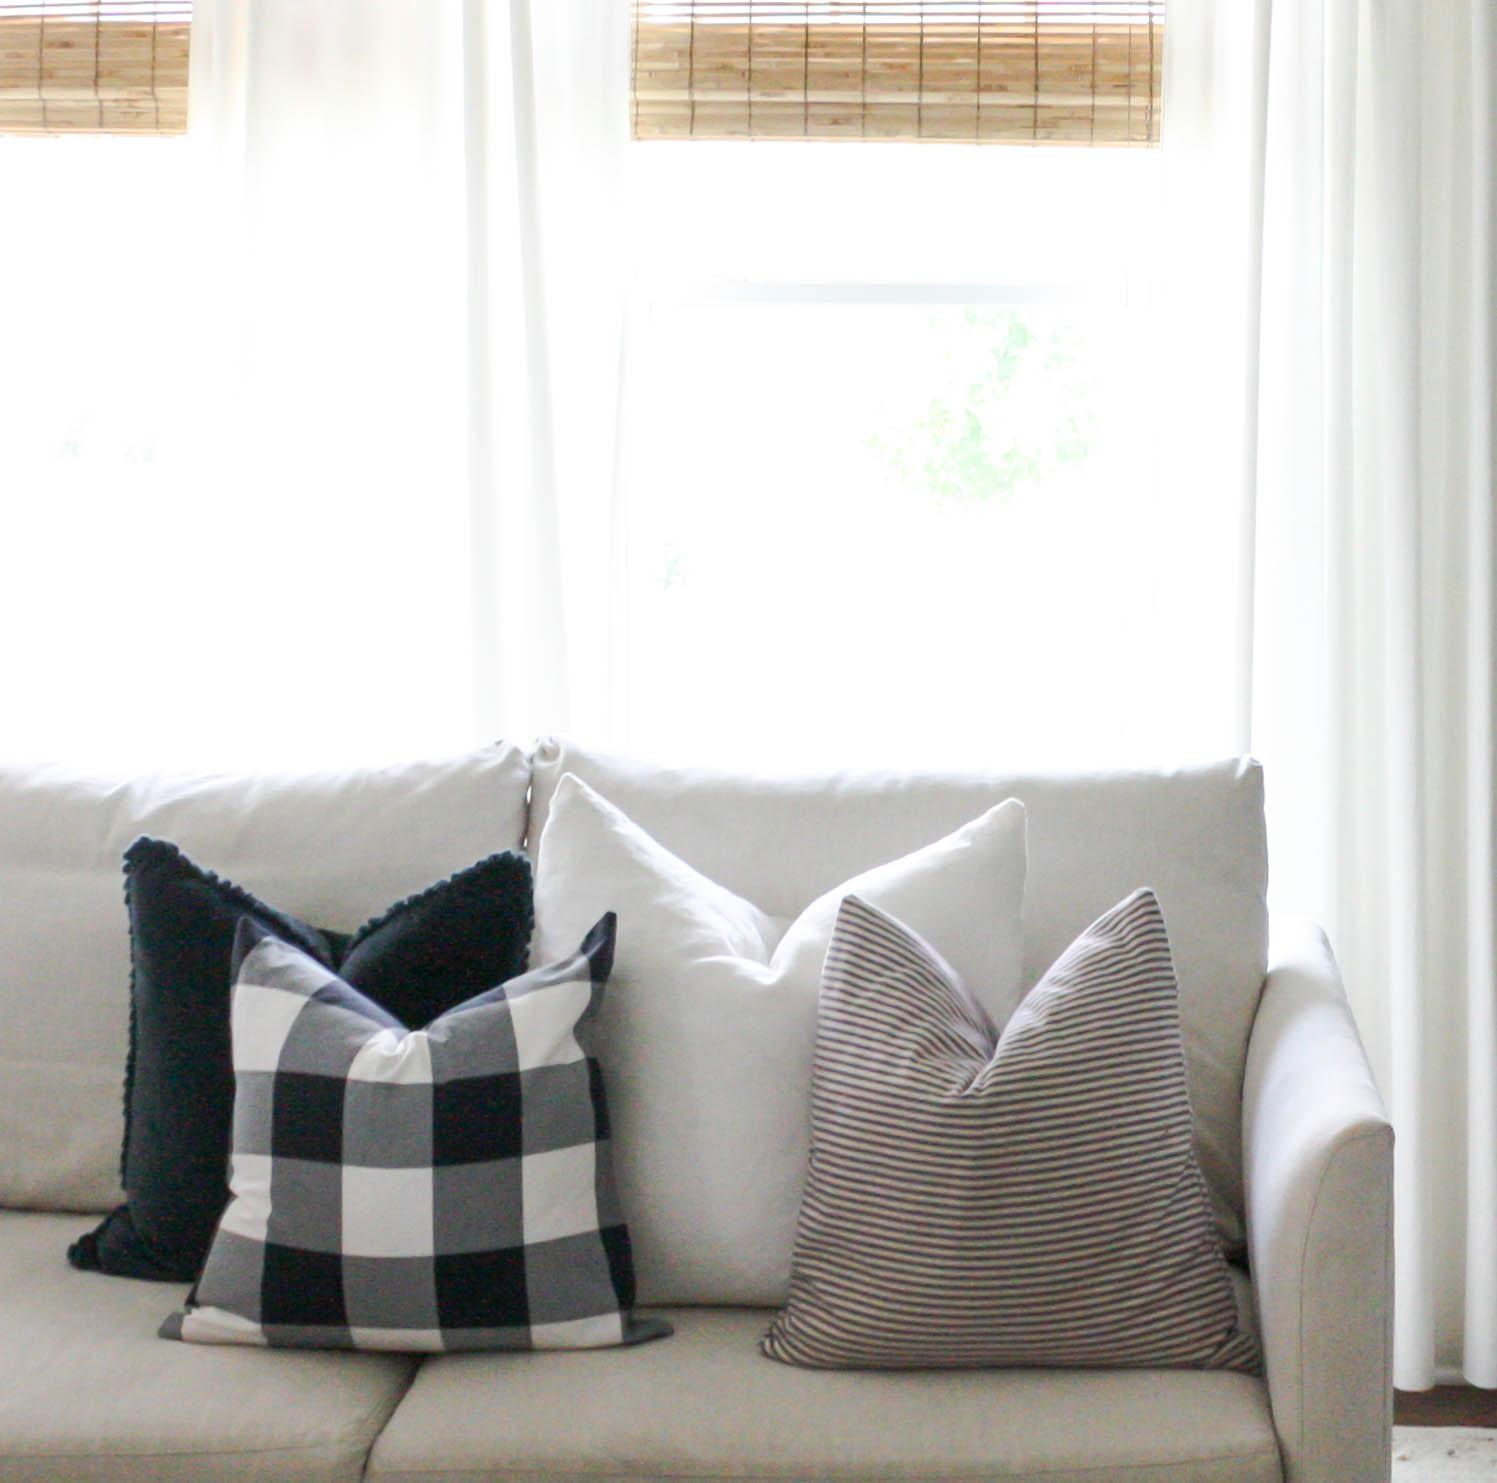 buffalo check sofa cover boconcept zen sleeper and ikea house seven design 43build